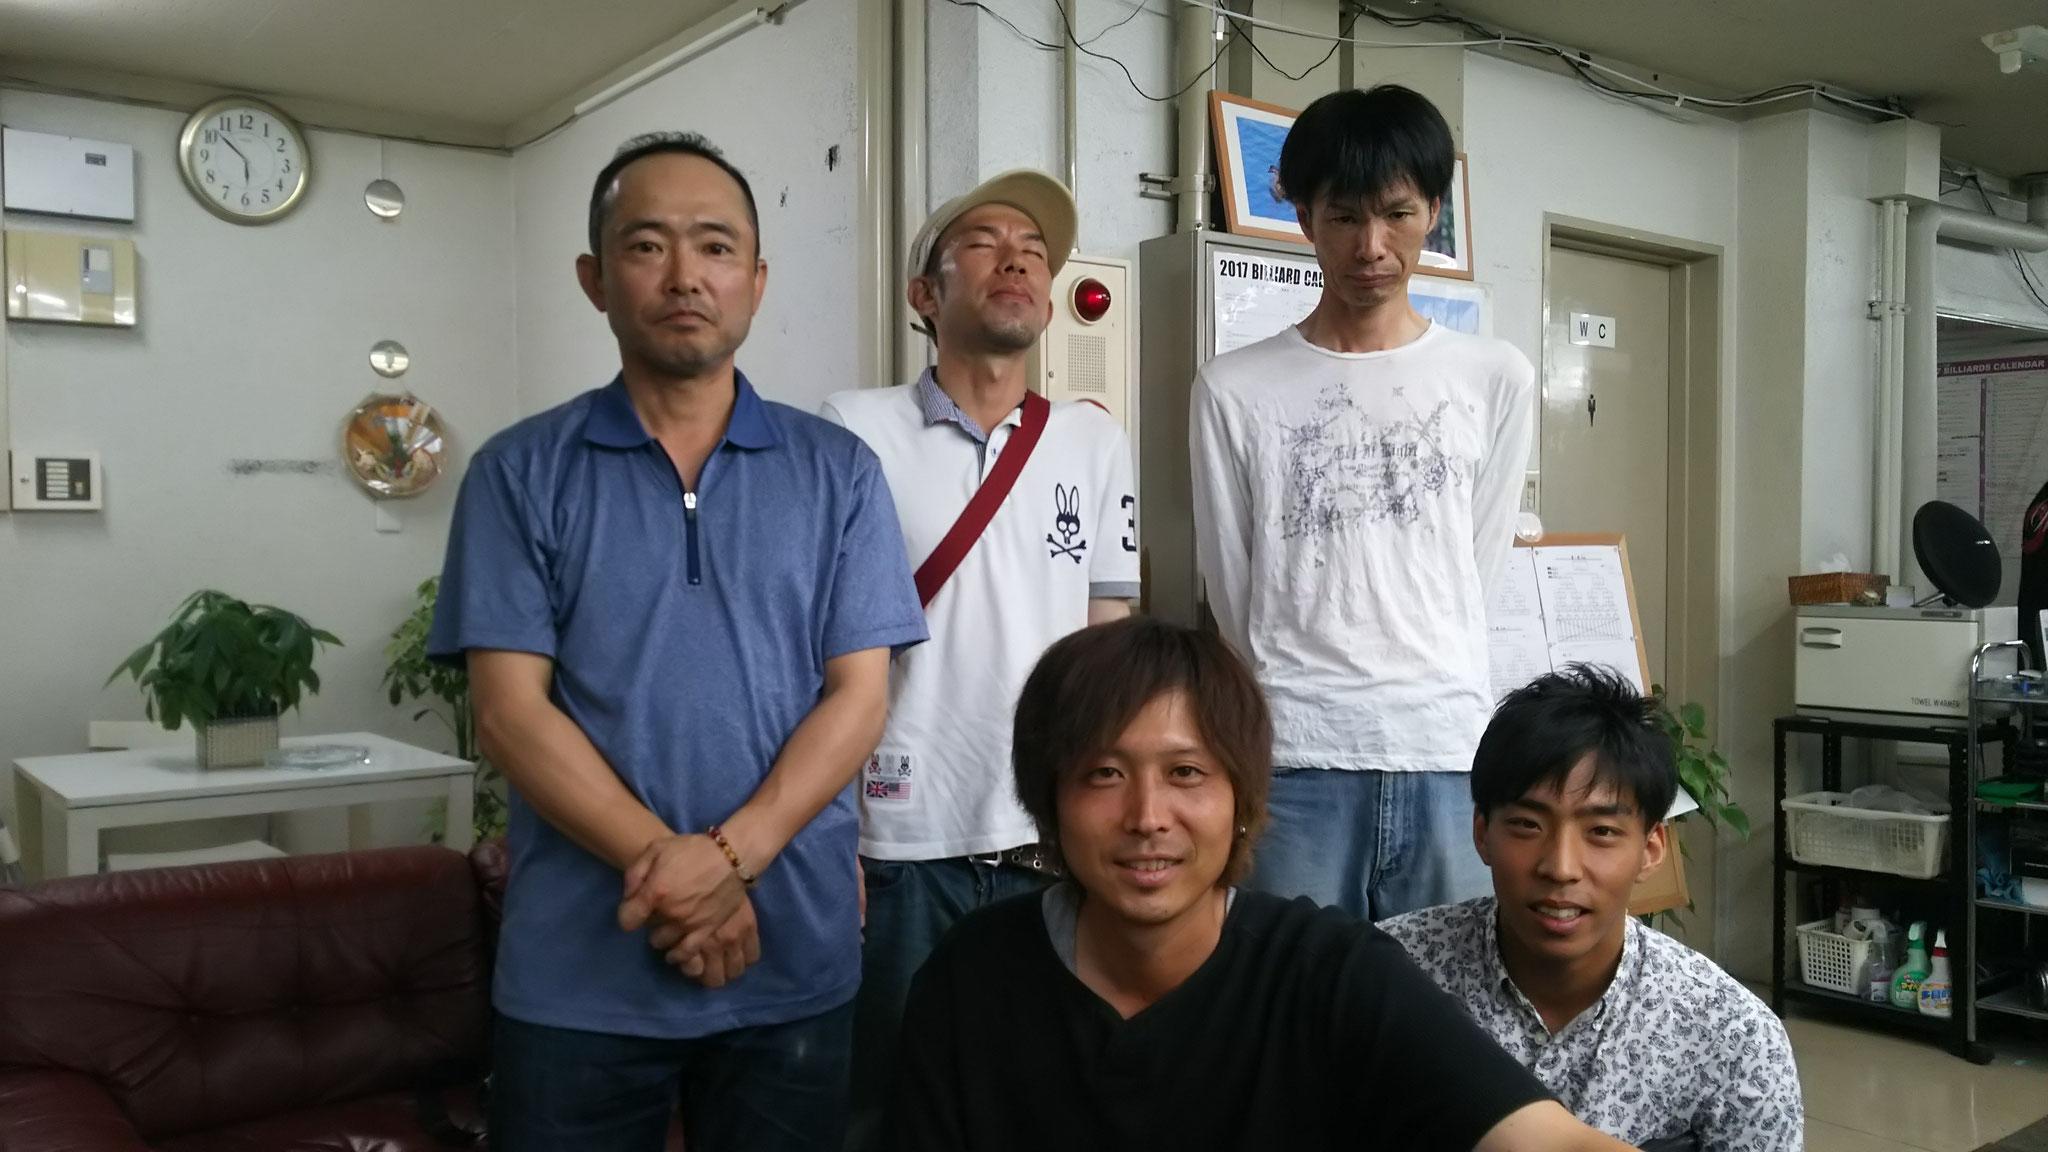 末広リーダー(左) 砂川さん(中) 黒地さん(右) 松本さん(左下) 太郎田さん(右下) 素敵なチームでした!